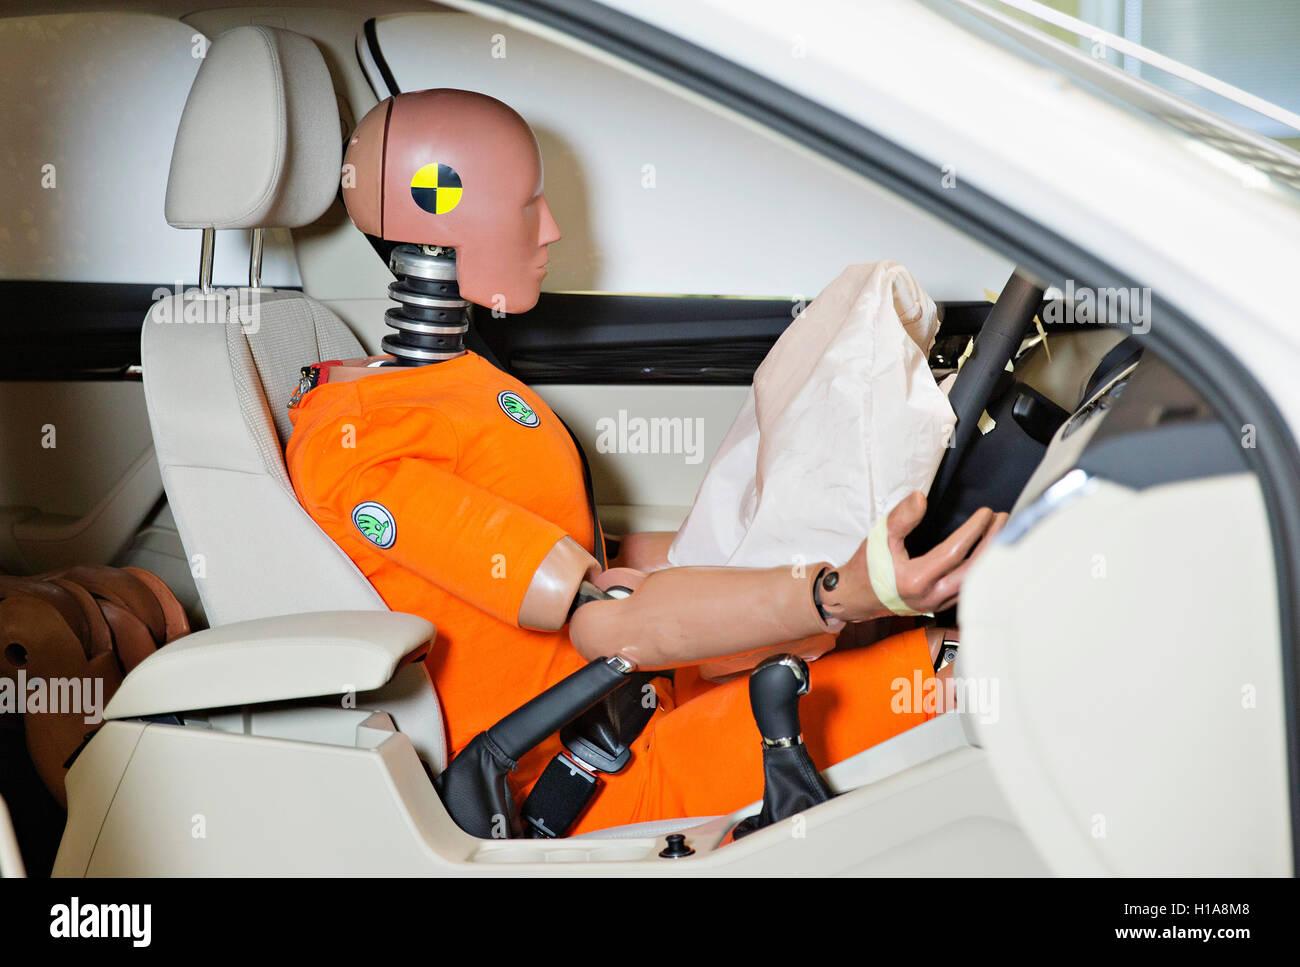 Dummy Car Crash Without Seatbelt